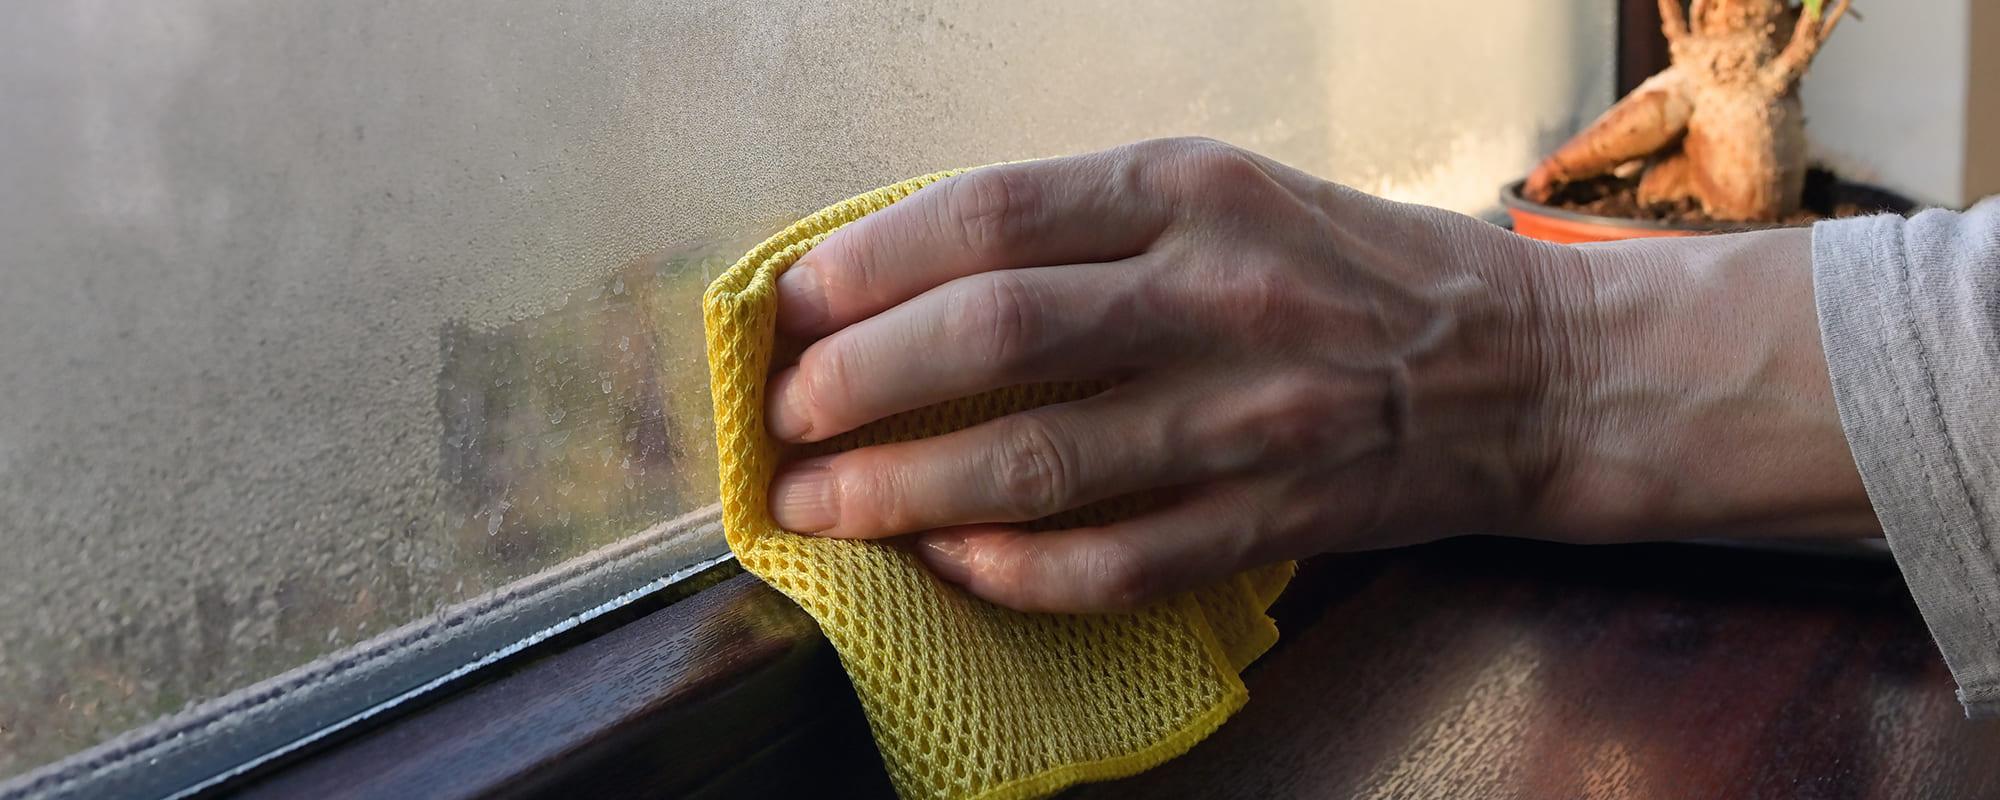 Condensatievocht in huis